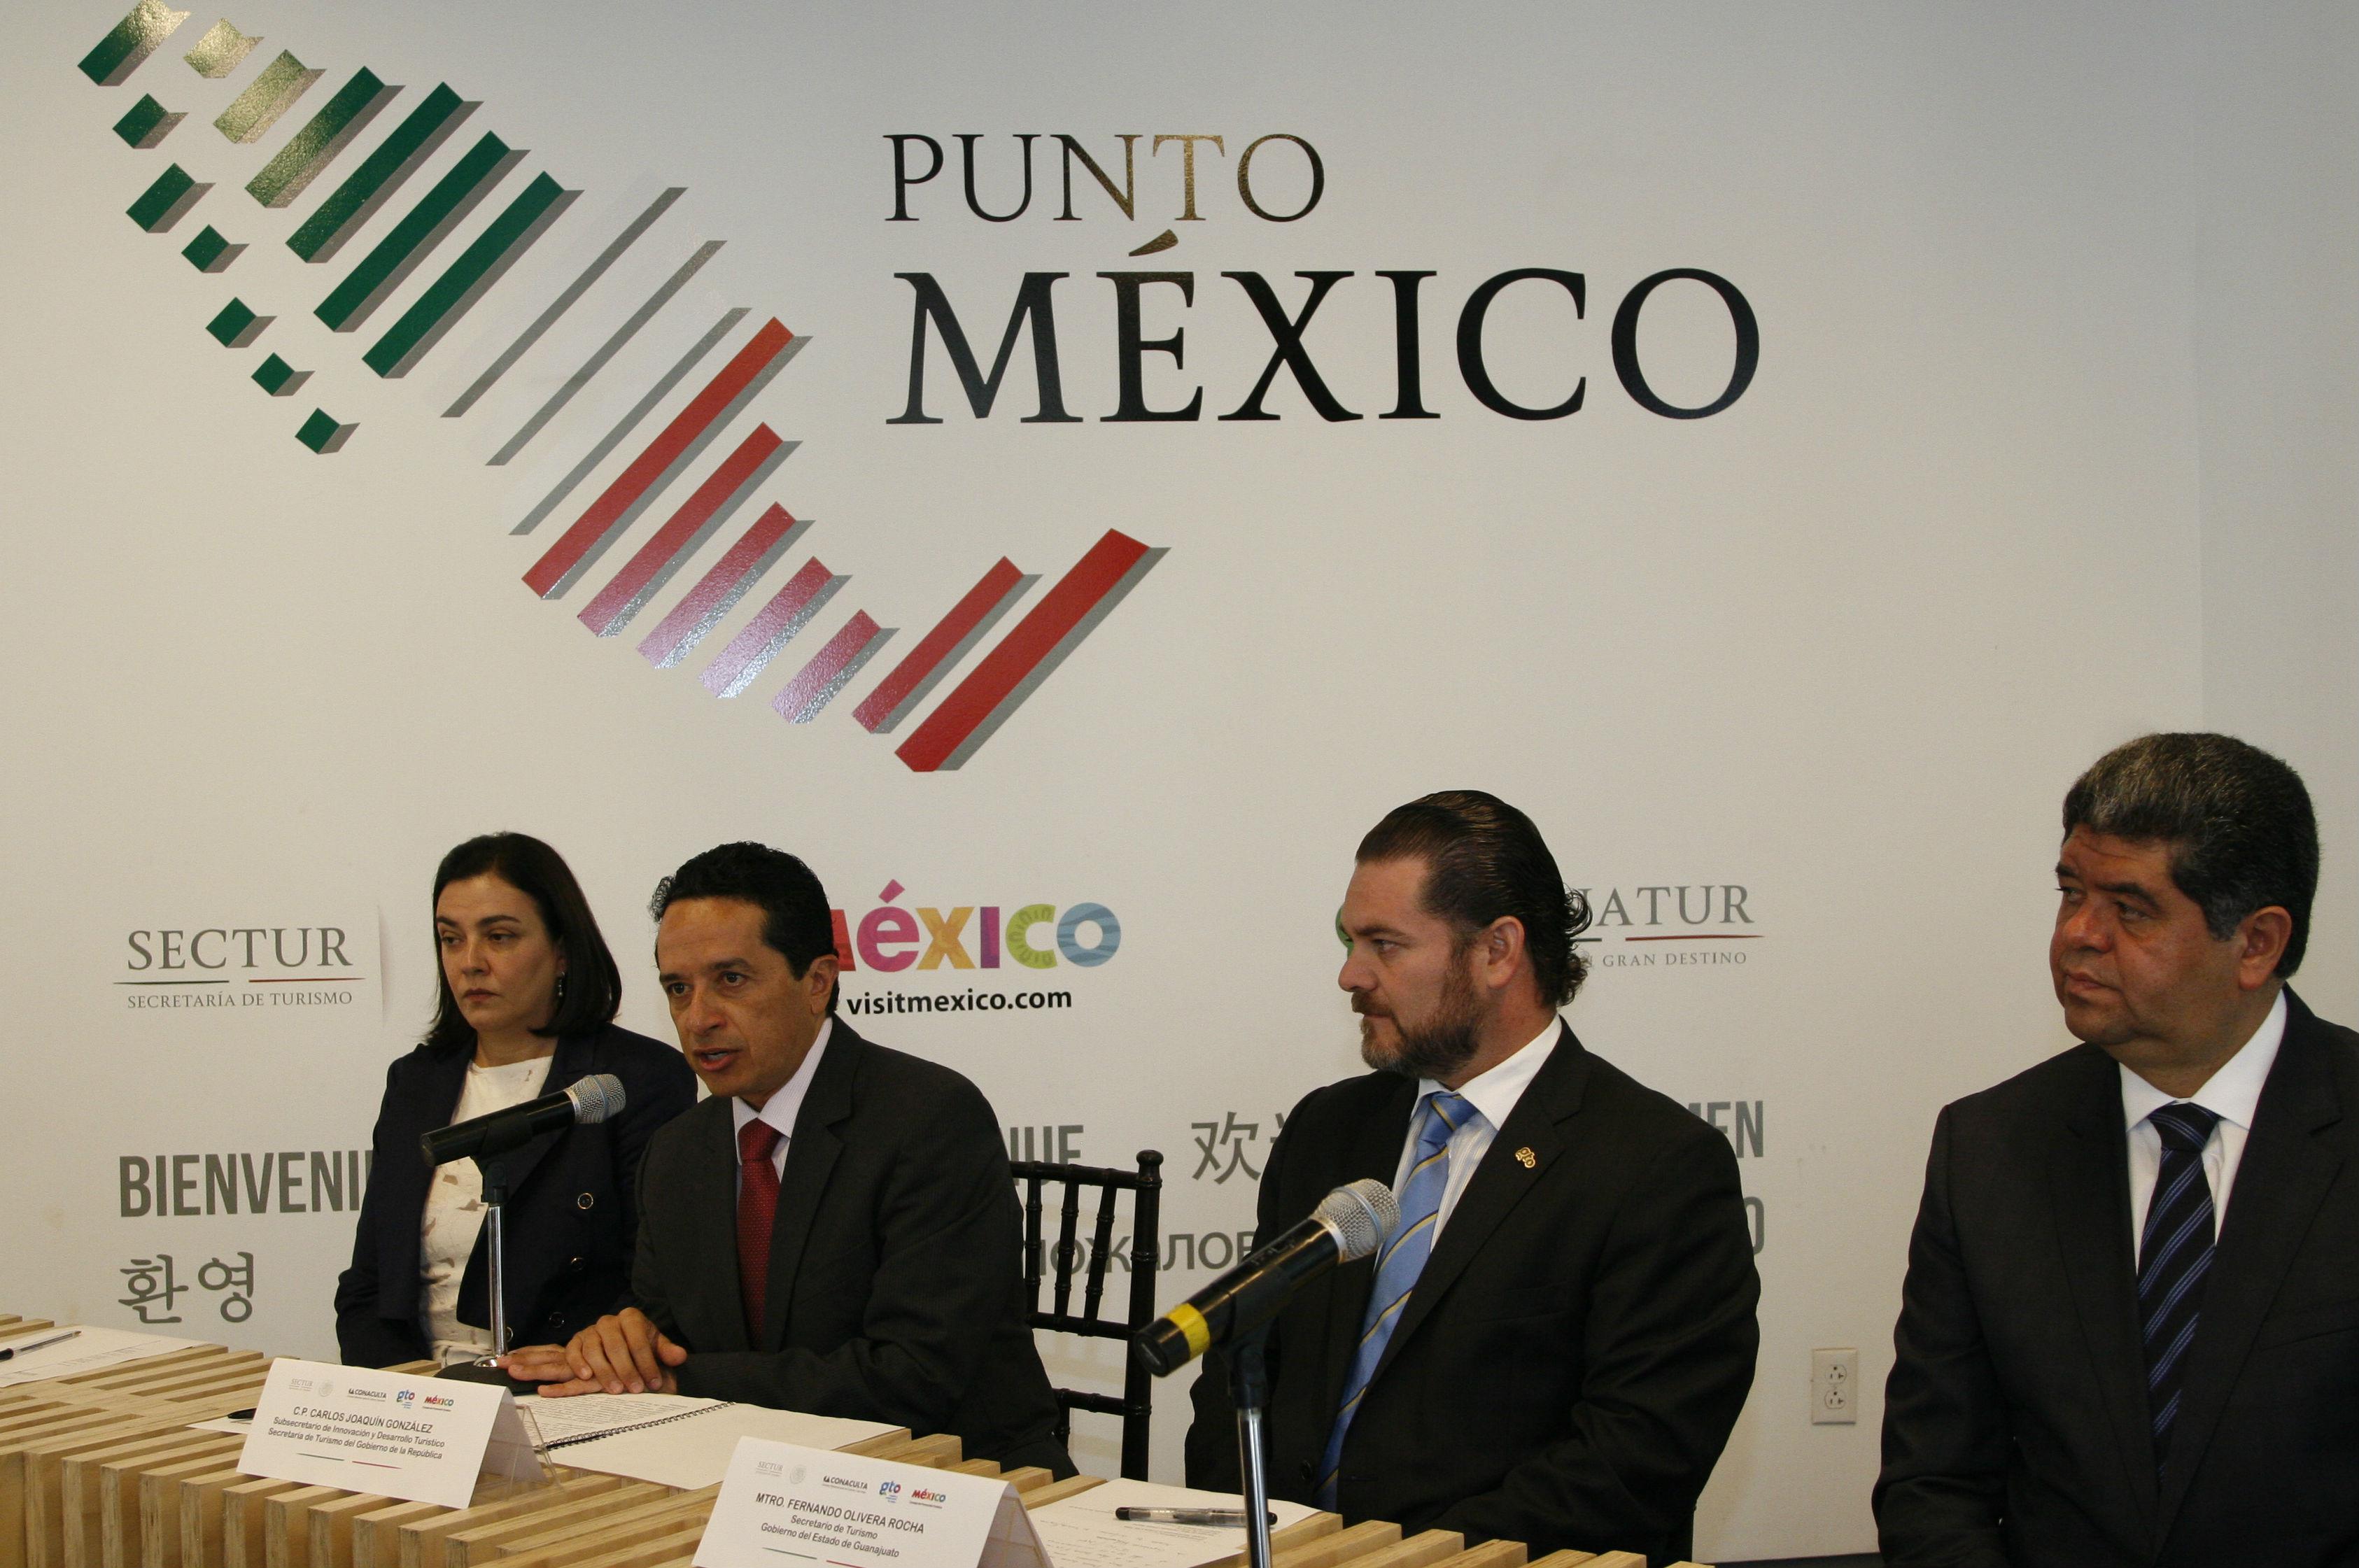 El Subsecretario de Innovación y Desarrollo Turístico de la SECTUR, Carlos Joaquín González, encabeza la instalación del Comité Organizador de la Feria de Turismo Cultural México.